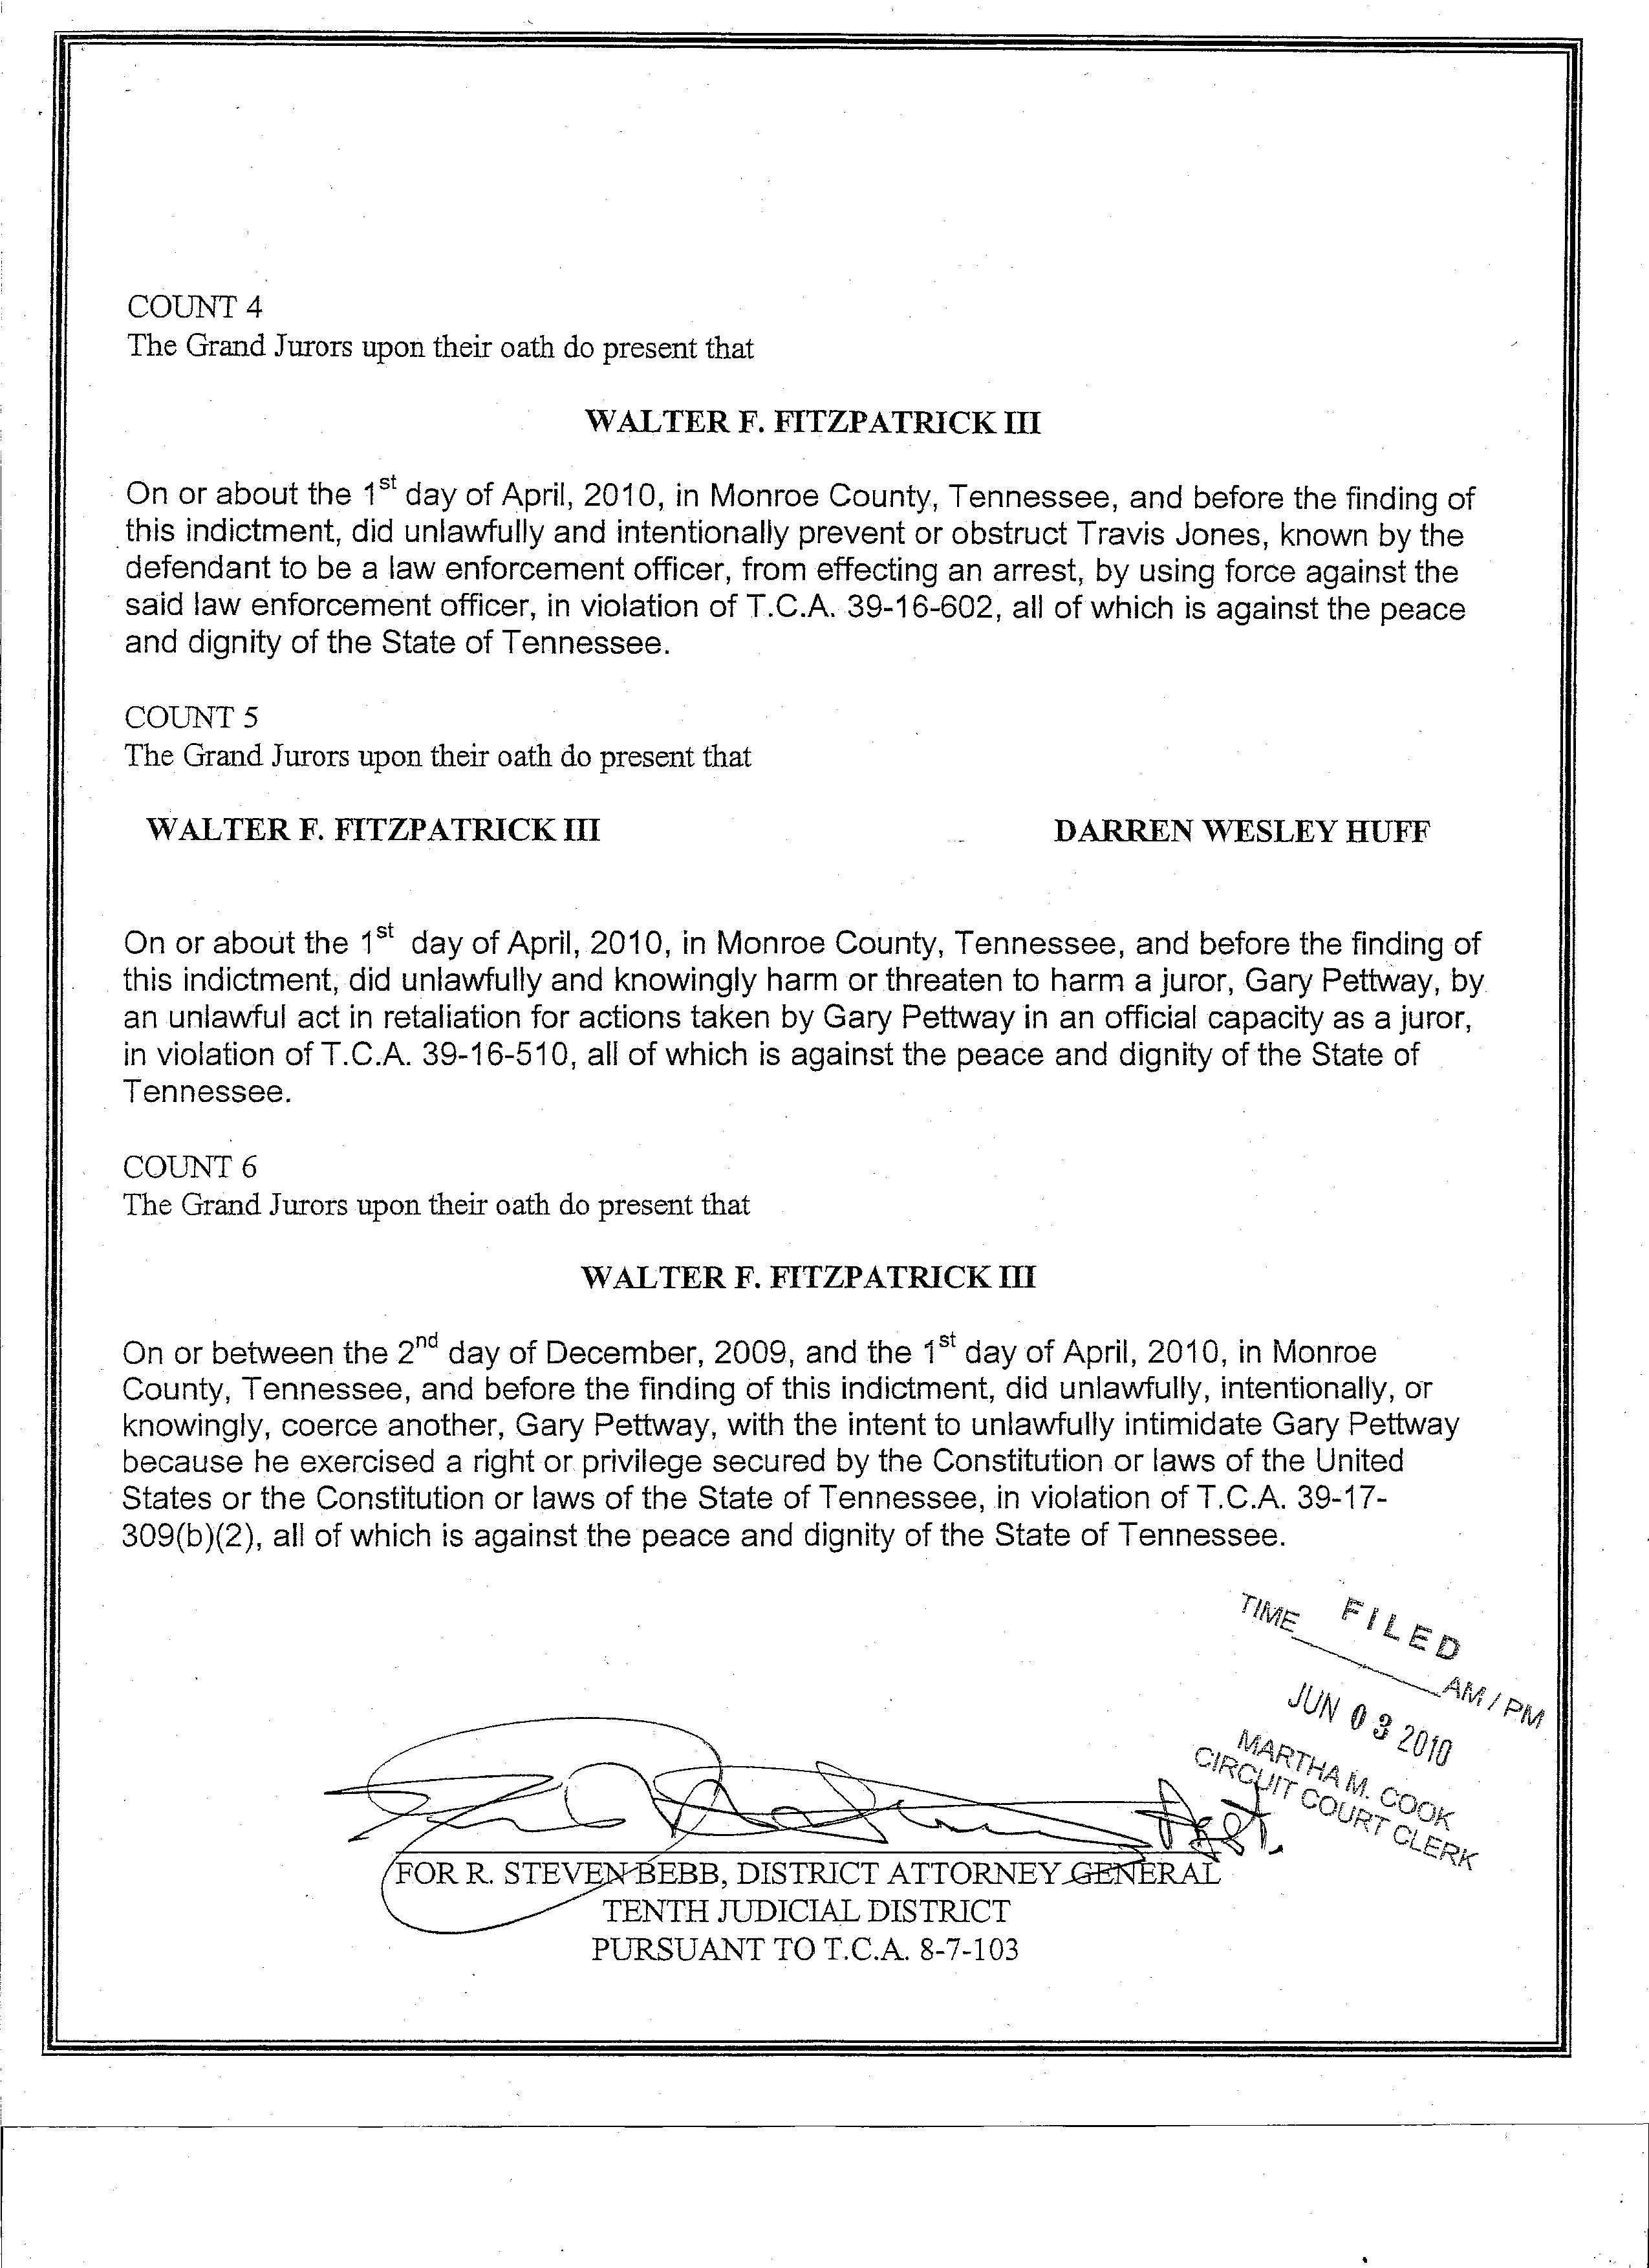 Fitzpatrick Indictment June 3 2010 001